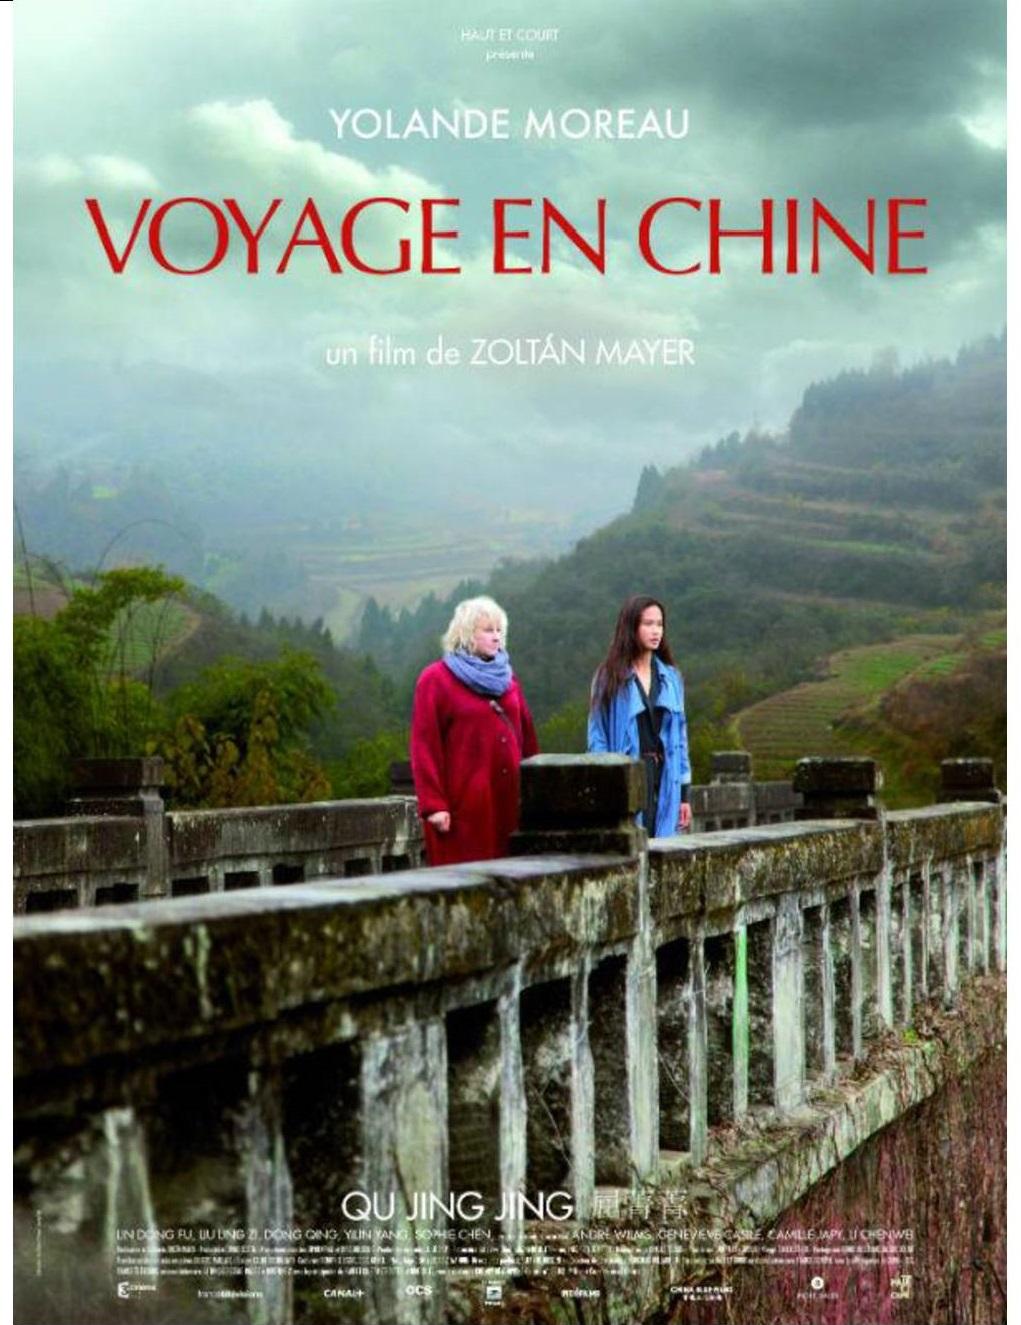 Virton: Cinema Patria séance à part